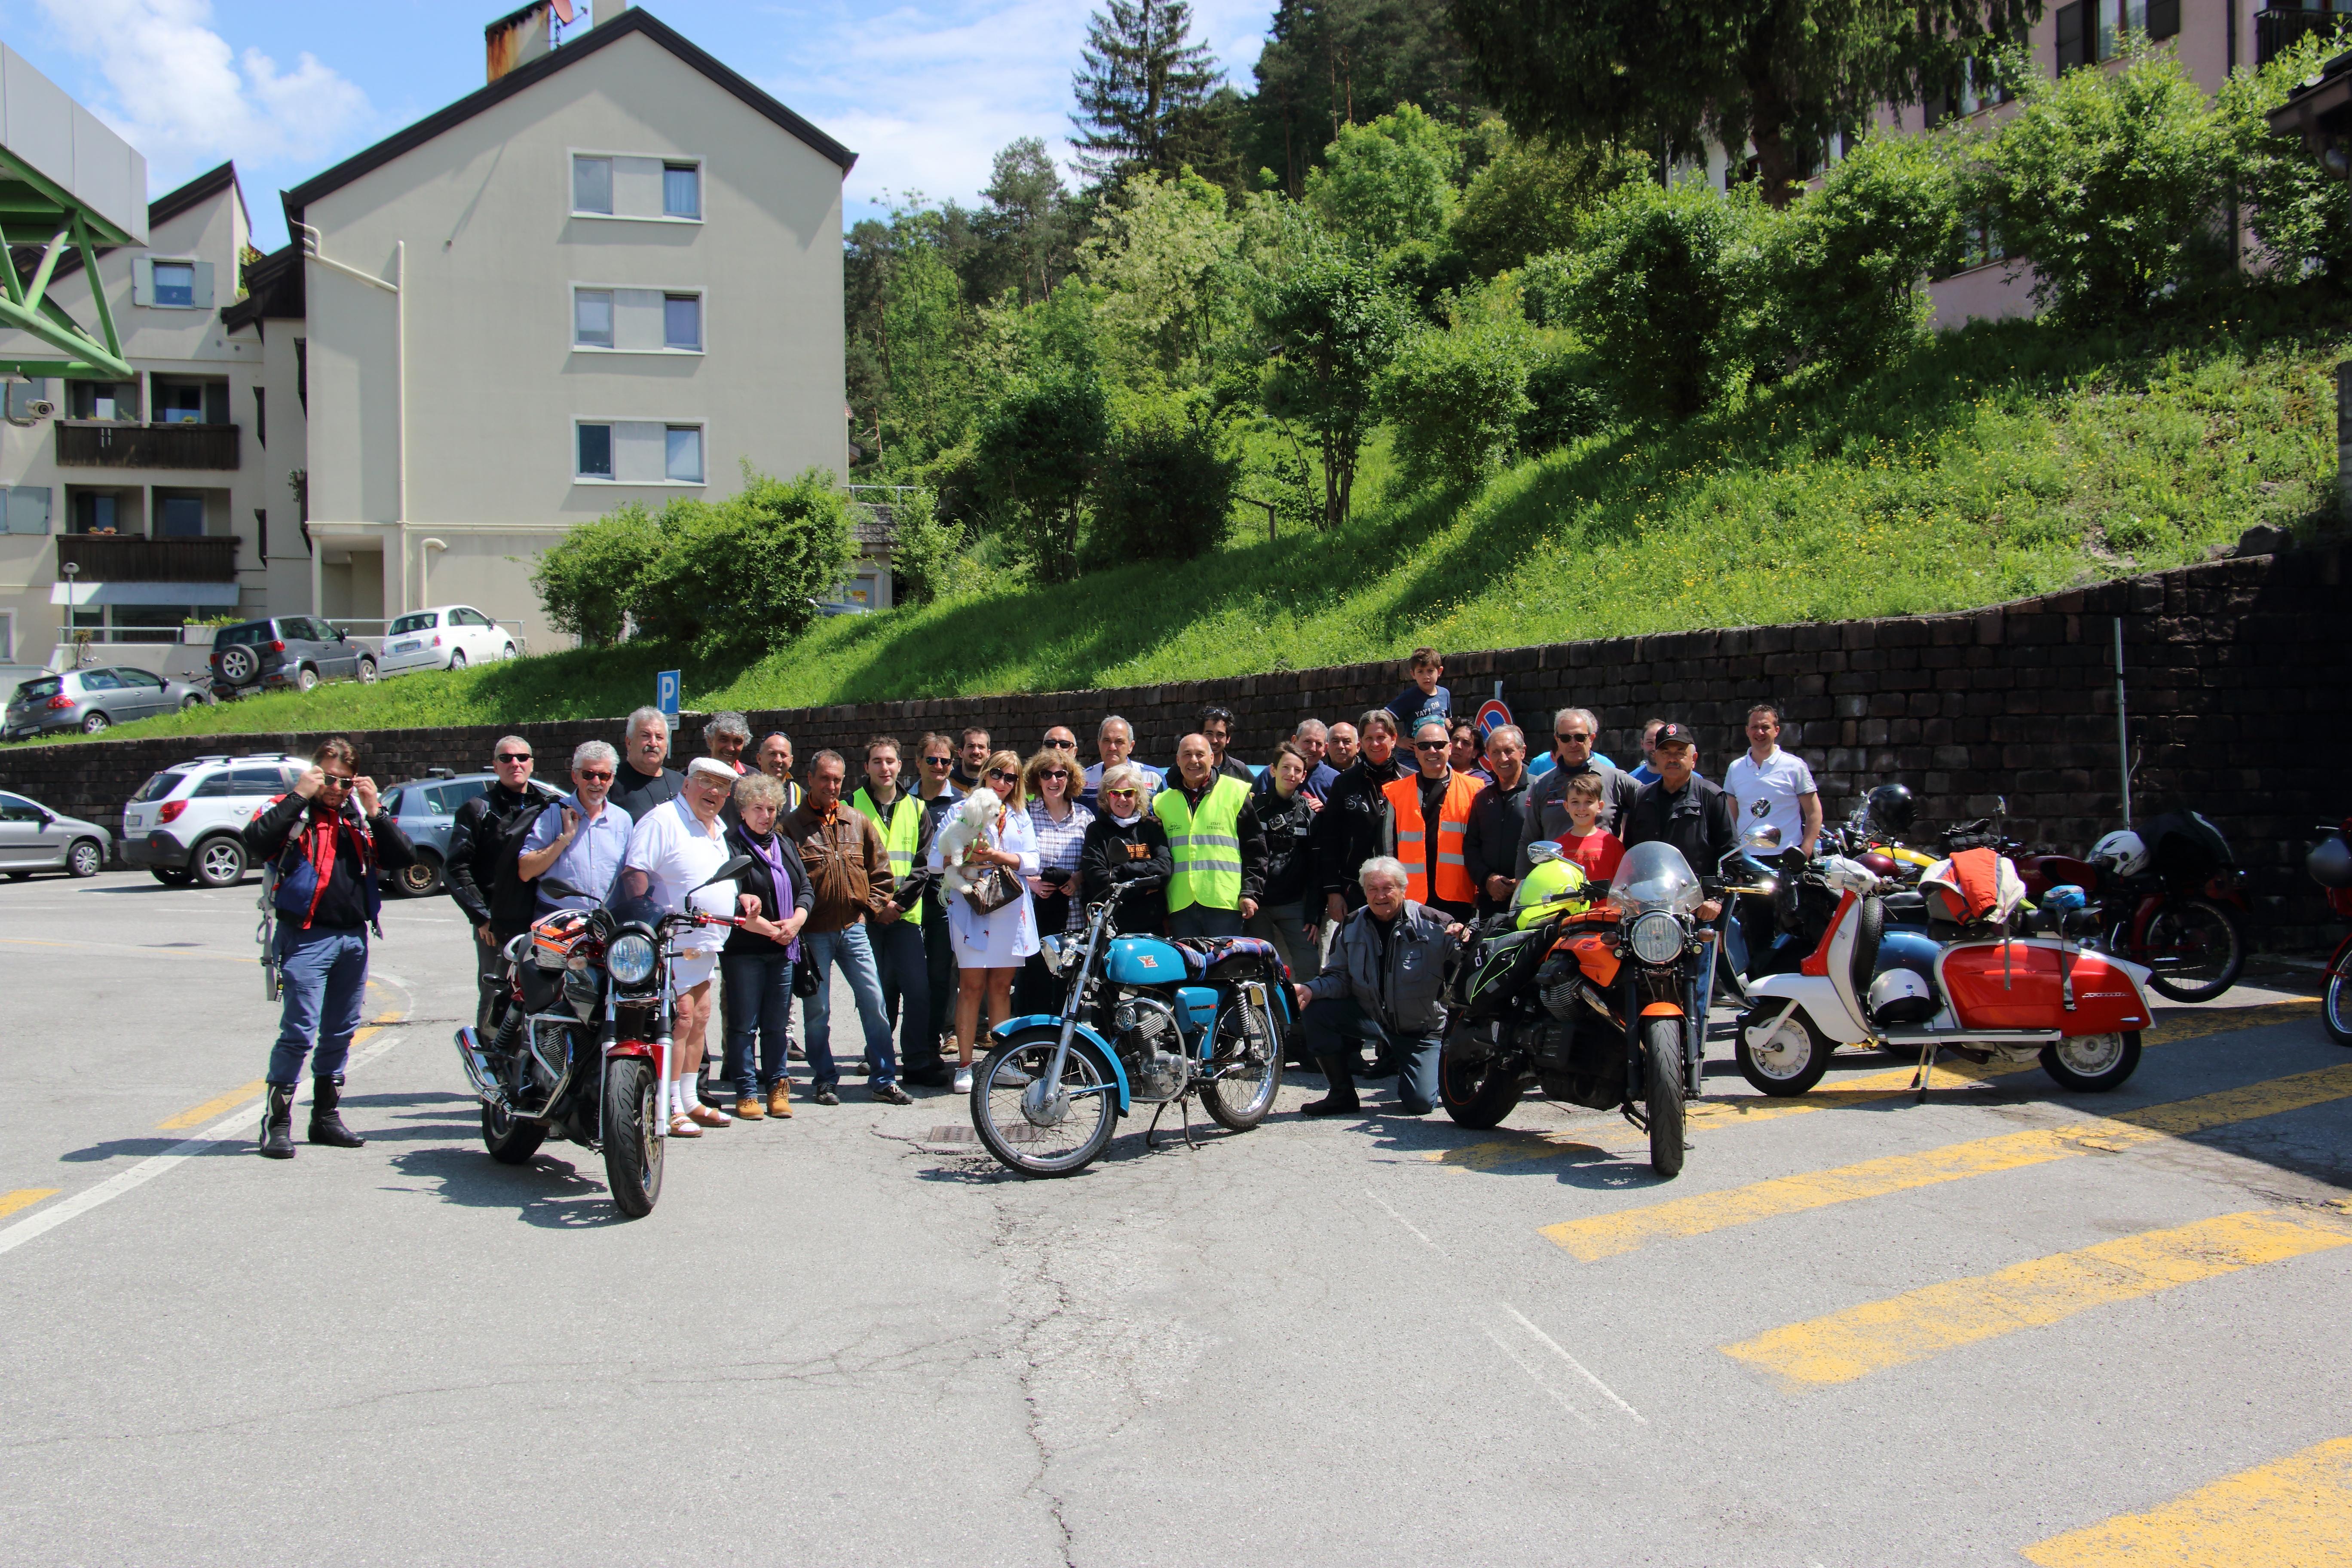 15 anni di Motociclette Storiche, 15 anni di successi